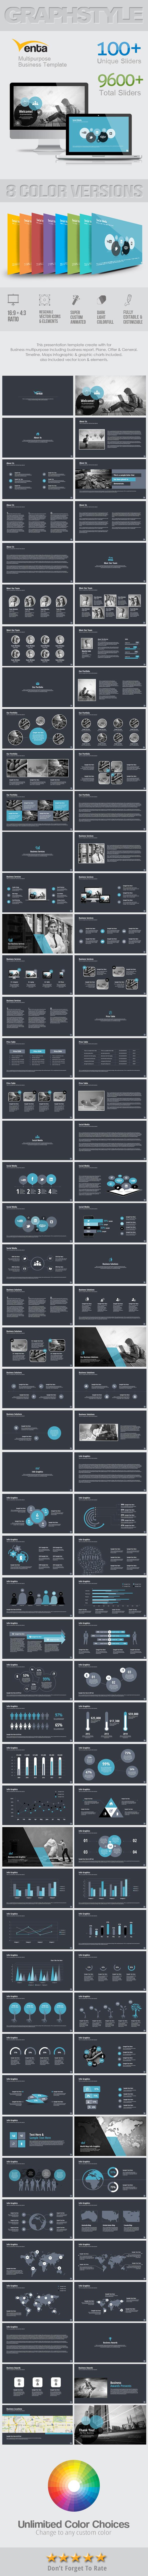 GraphicRiver Venta Multipurpose Business Template 9206926